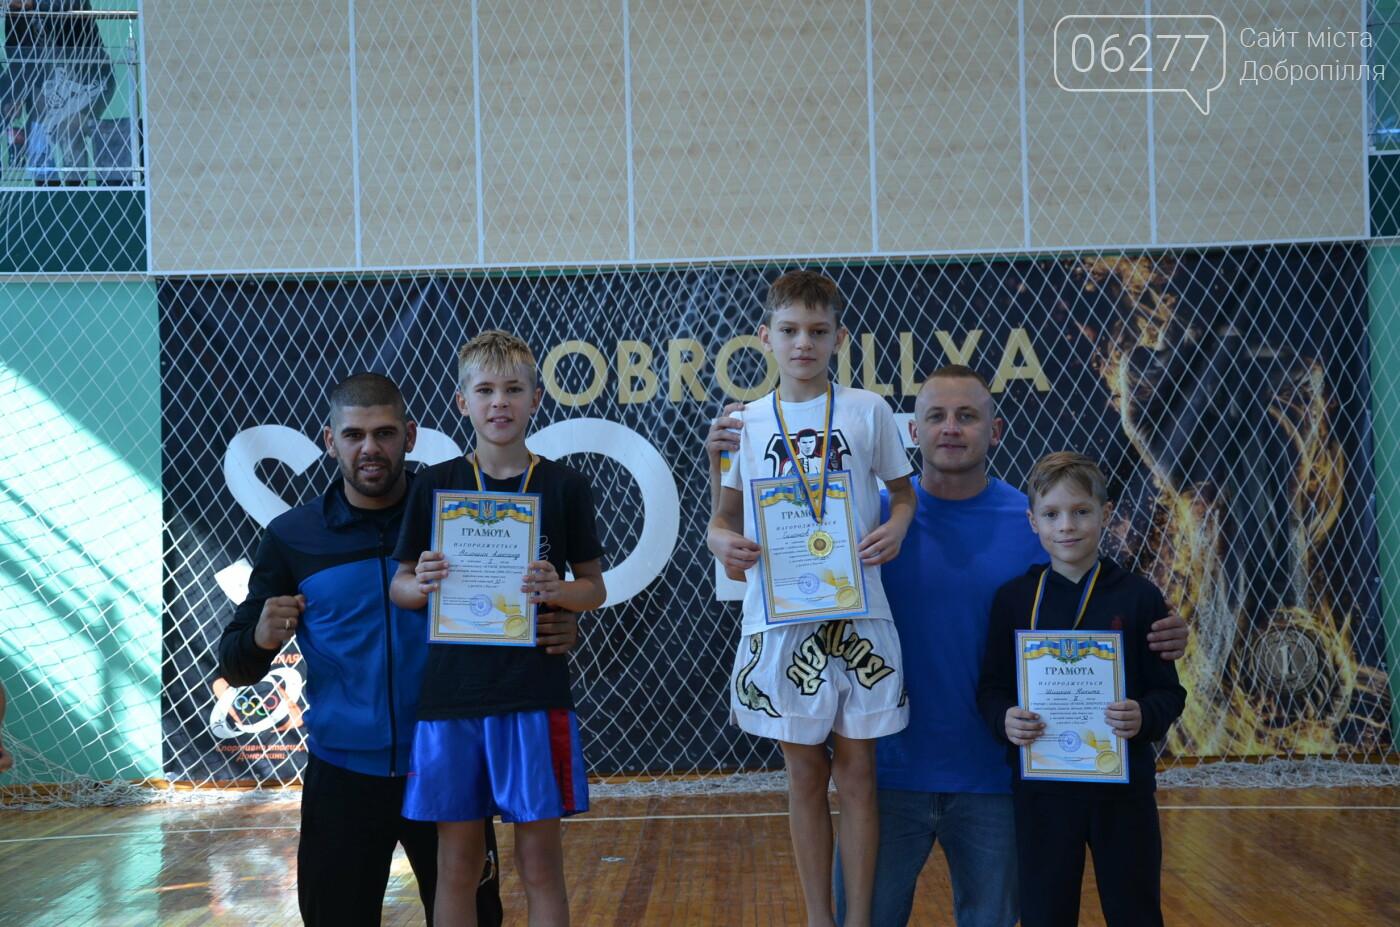 Турнір з кікбоксингу відбувся у Палаці спорту Добропілля, фото-8